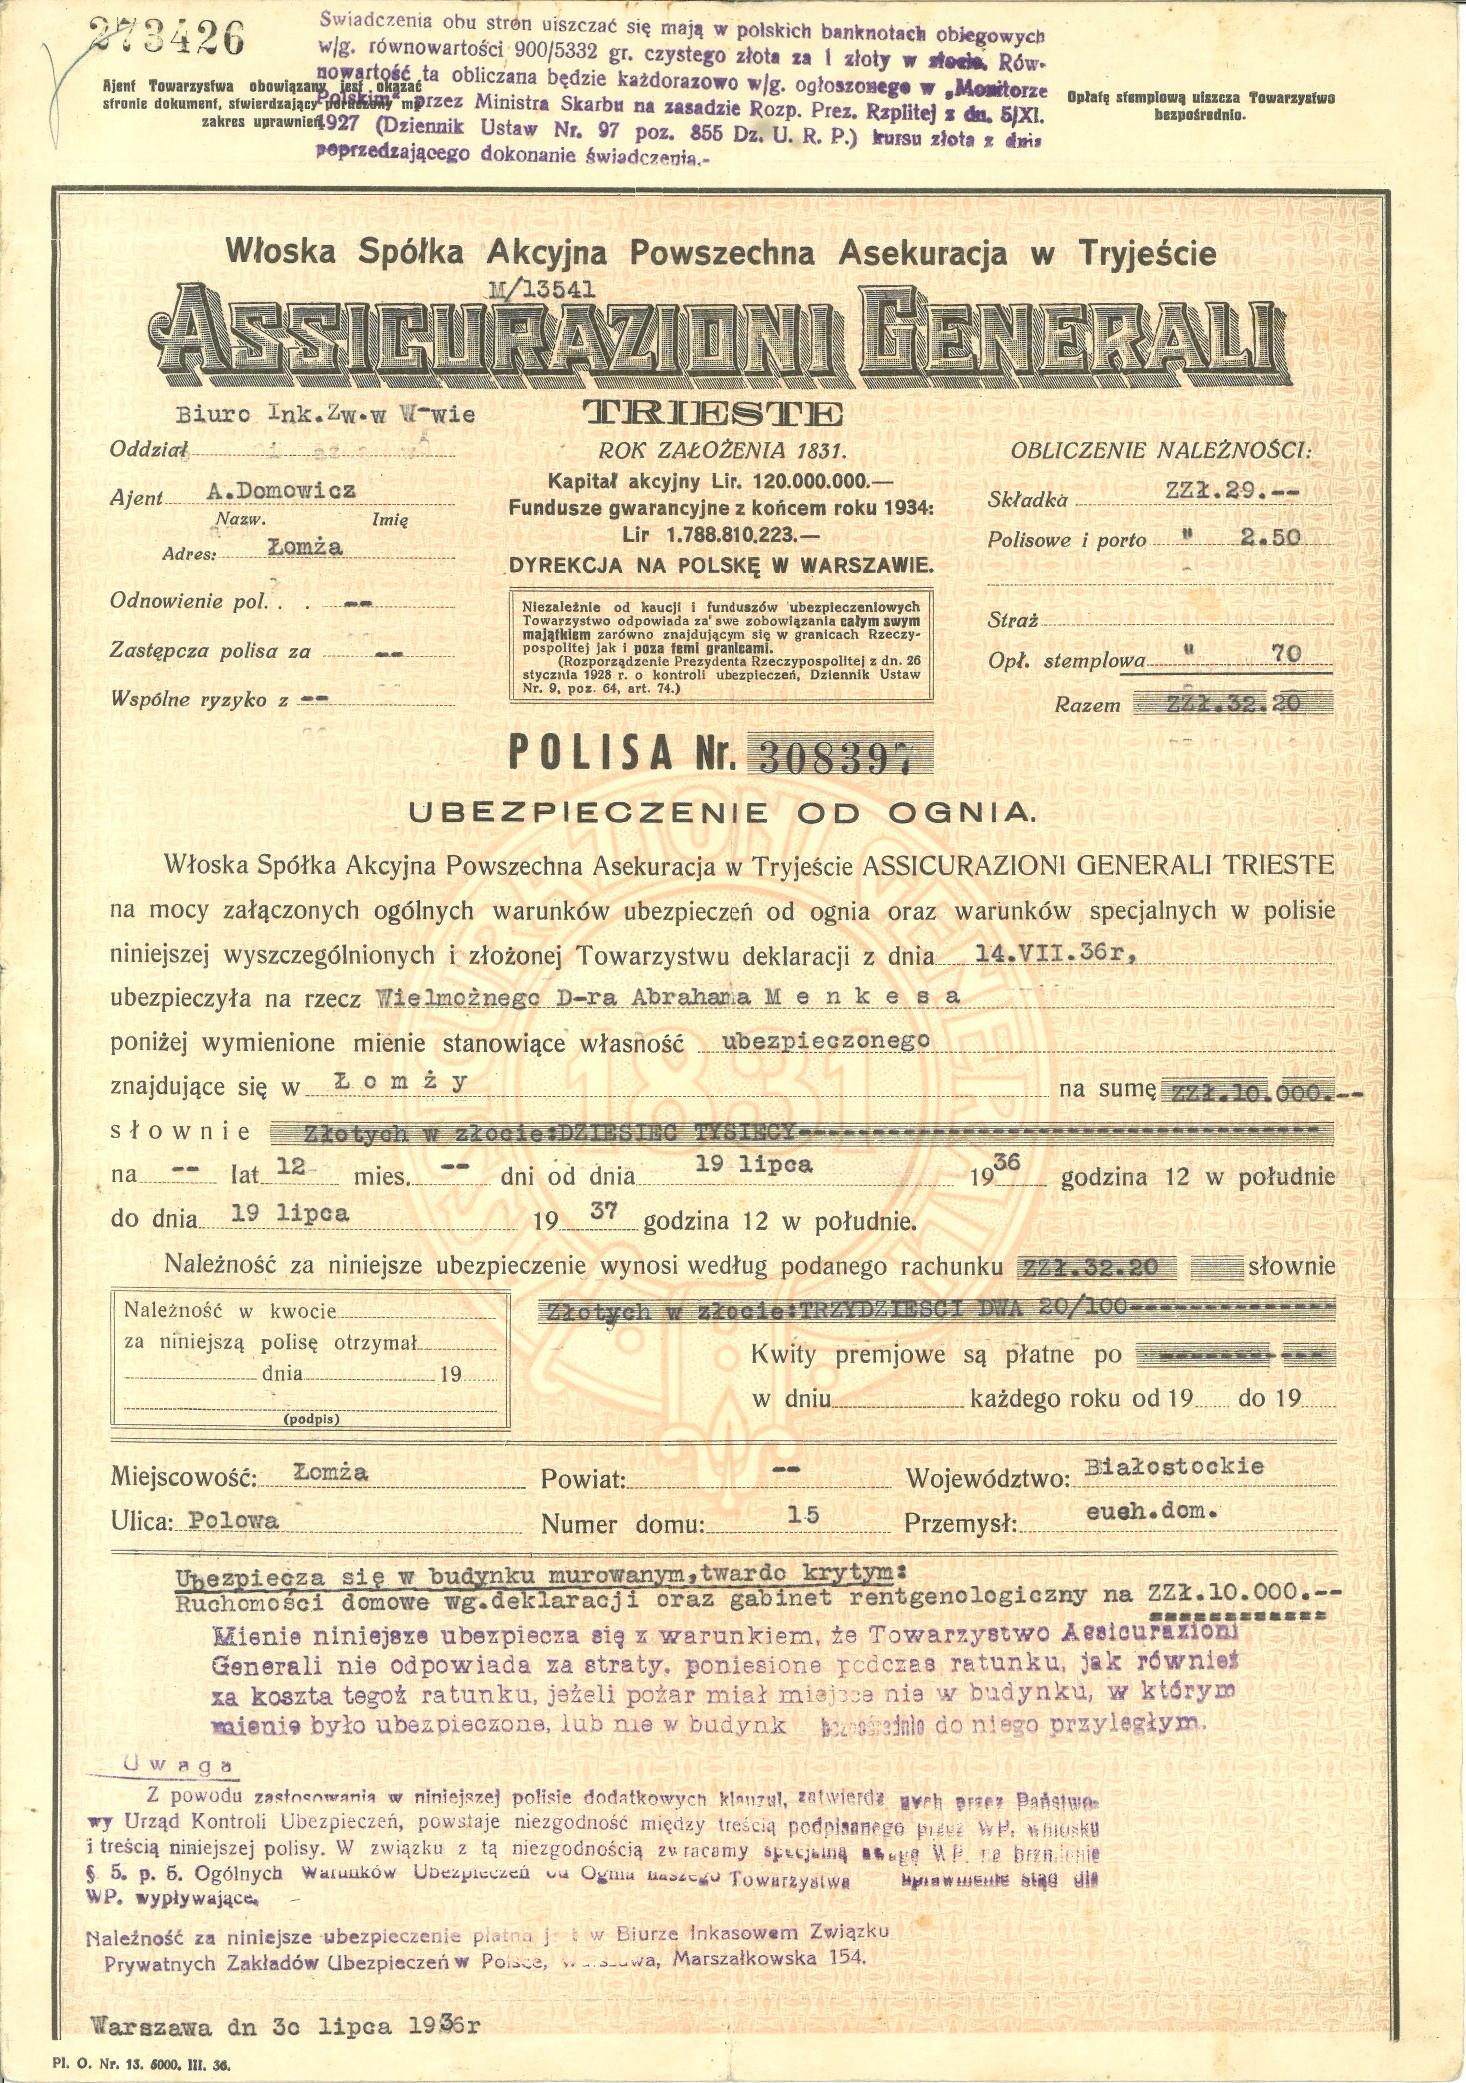 WŁOSKA SPÓŁKA AKCYJNA GENERALI WARSZAWA-ŁOMŻA 1936